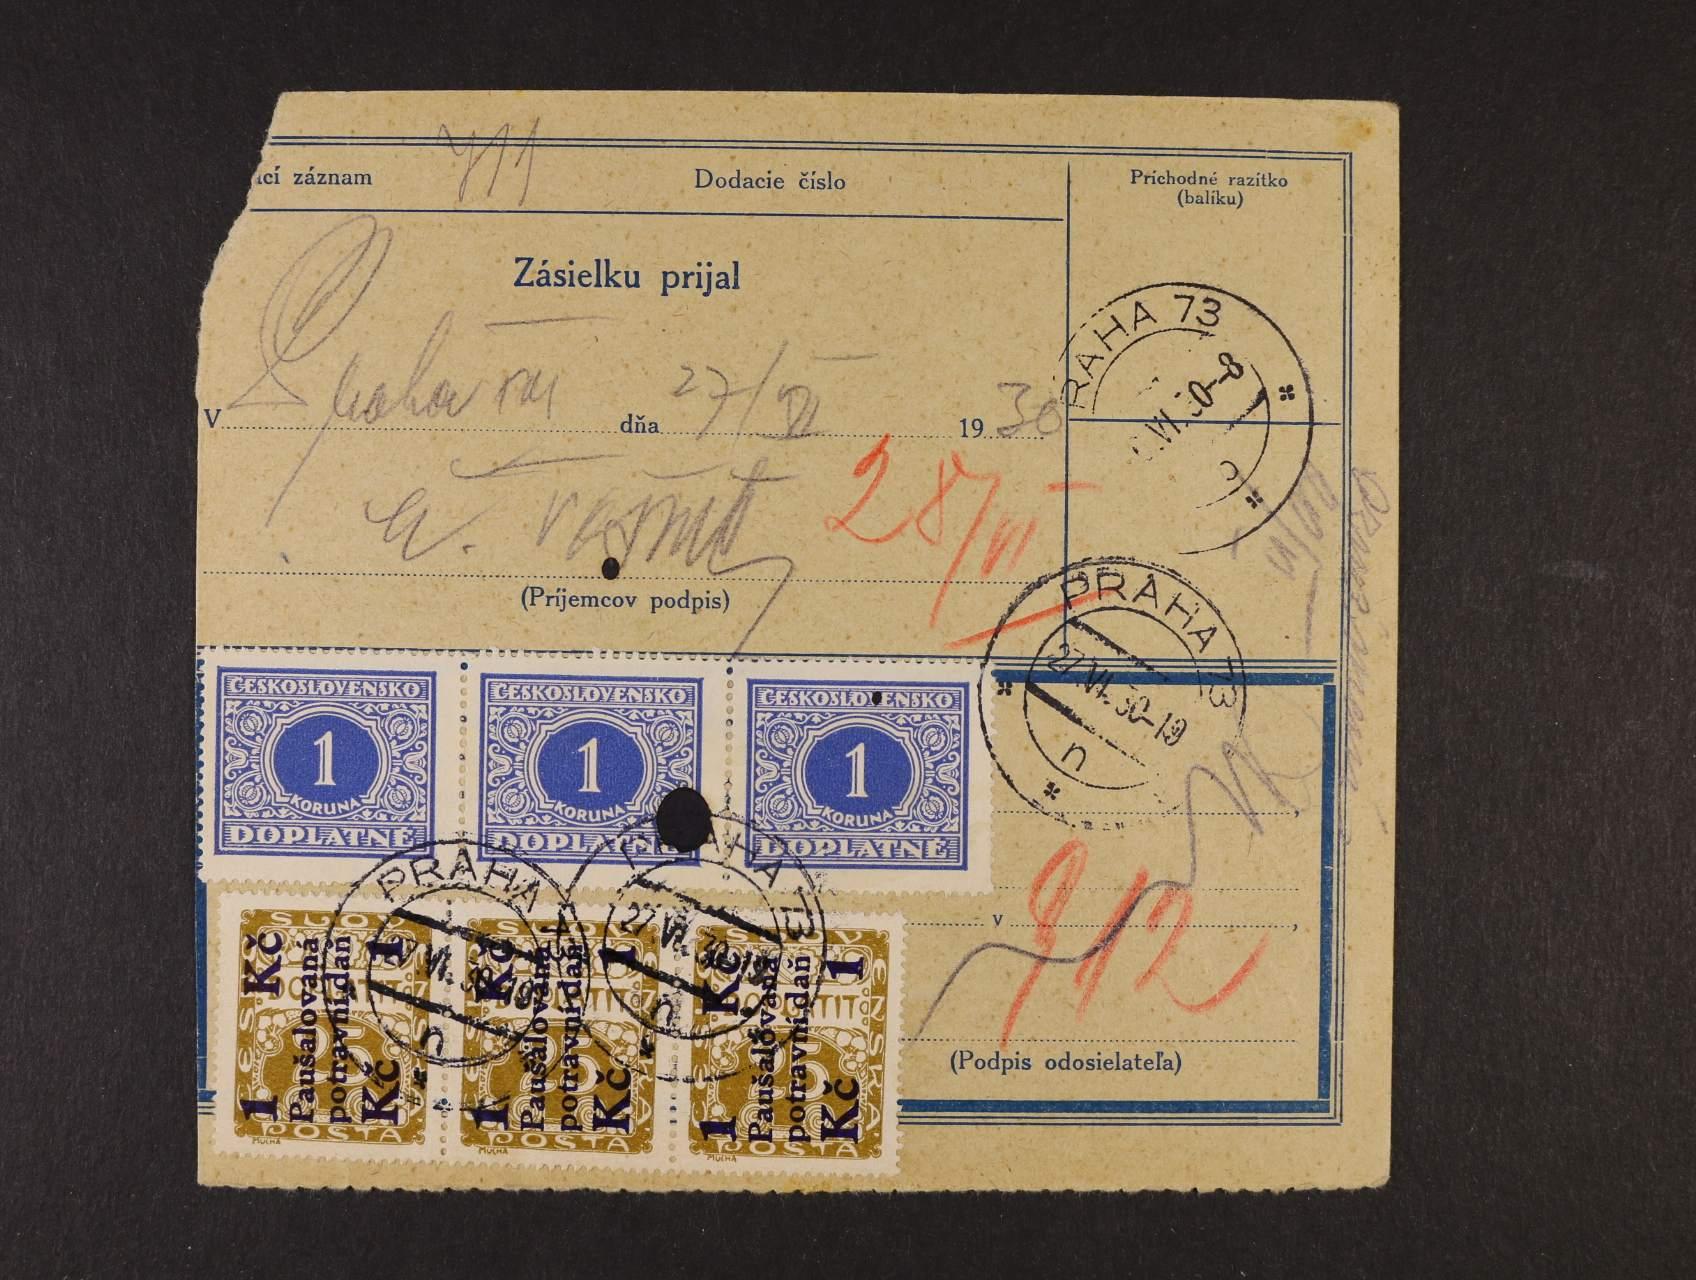 Potravinová daň - pošt. průvodka frank. smíš. frankaturou zn. DL 62 ve vodorovné třípásce + PD 1 ve svislé třípásce s raz. PRAHA 73 27.6.30, velmi vzácné